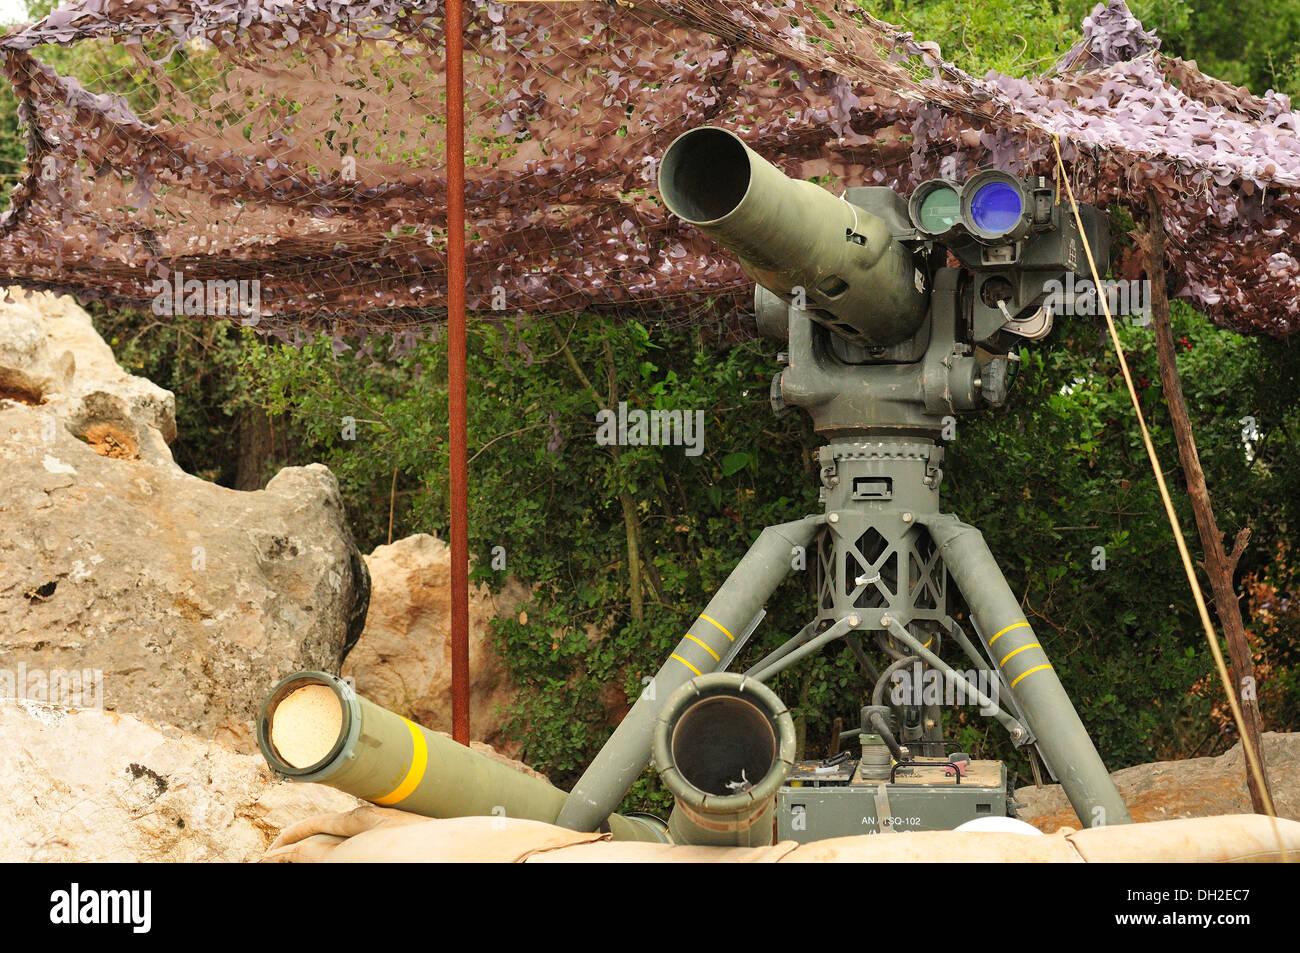 Tubo de alambre trcked lanzó ópticamente mandado BGM-71 TOW, desarrollados en los EE.UU., Museo Mleeta, Hezbolá, el sur del Líbano Foto de stock